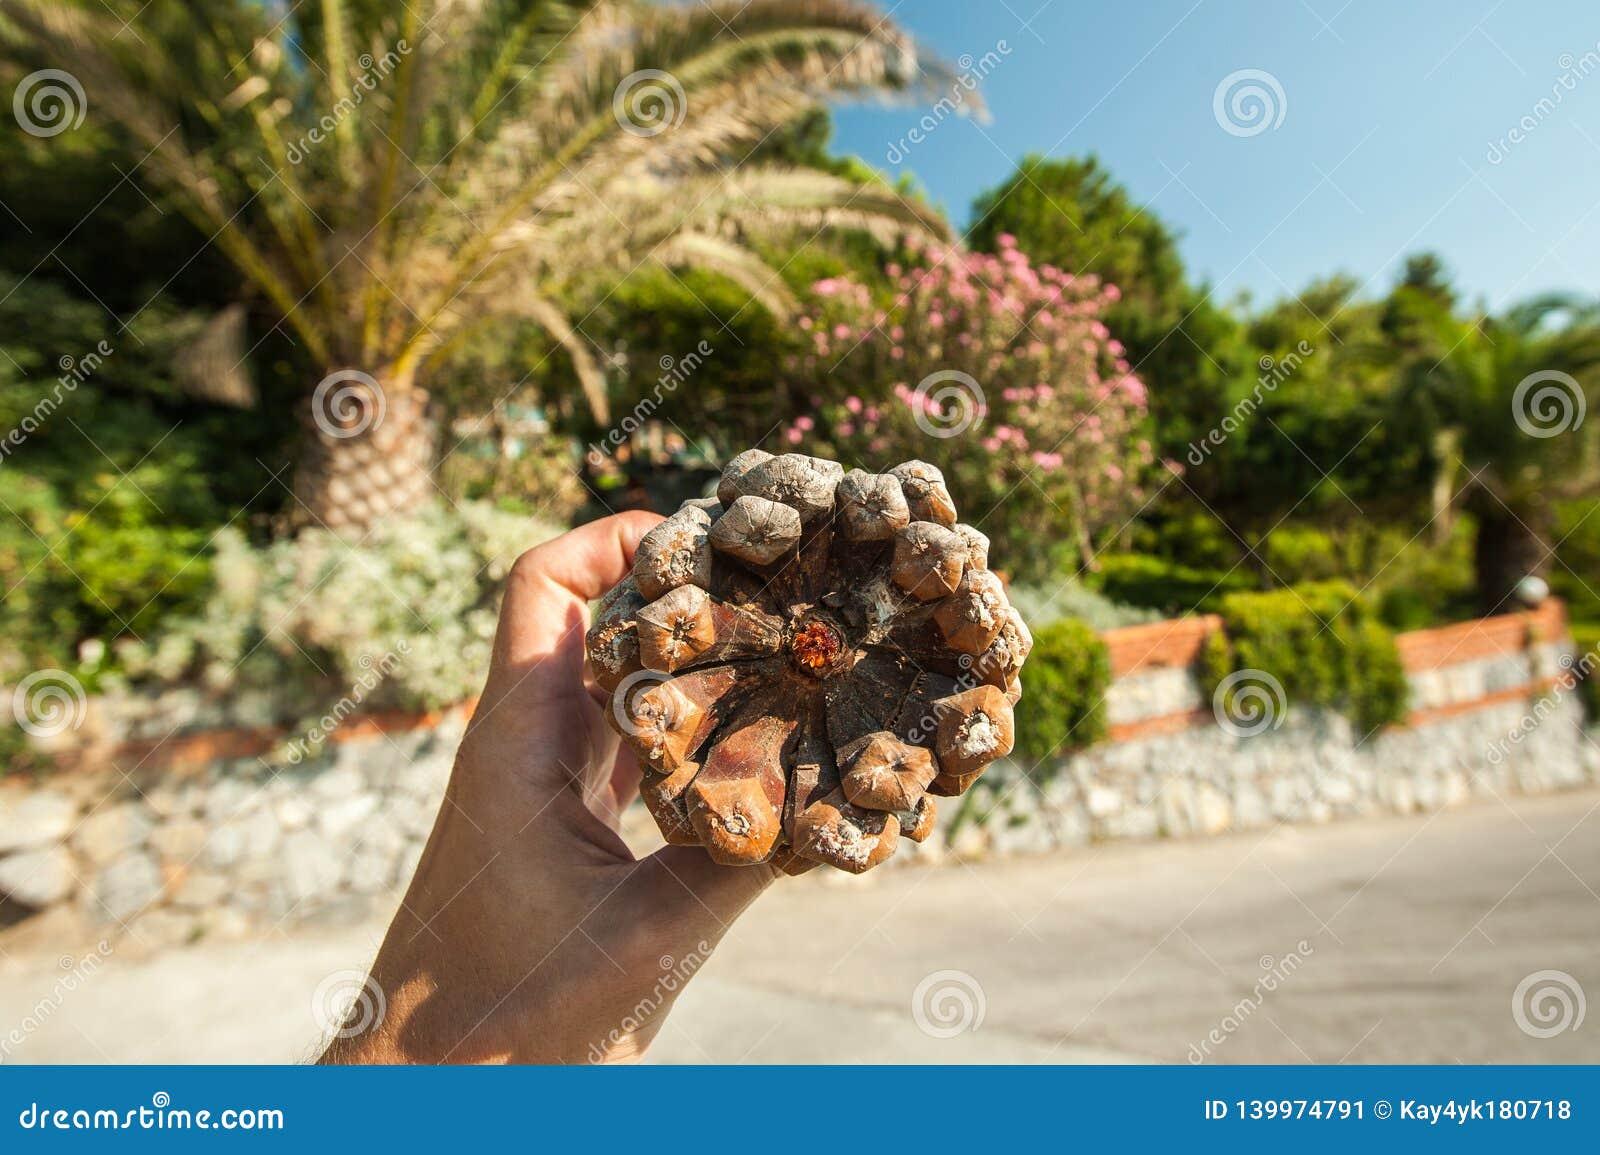 Wielka gomółka w ręce na tle drzewka palmowe i roślinność na słonecznym dniu na wakacje